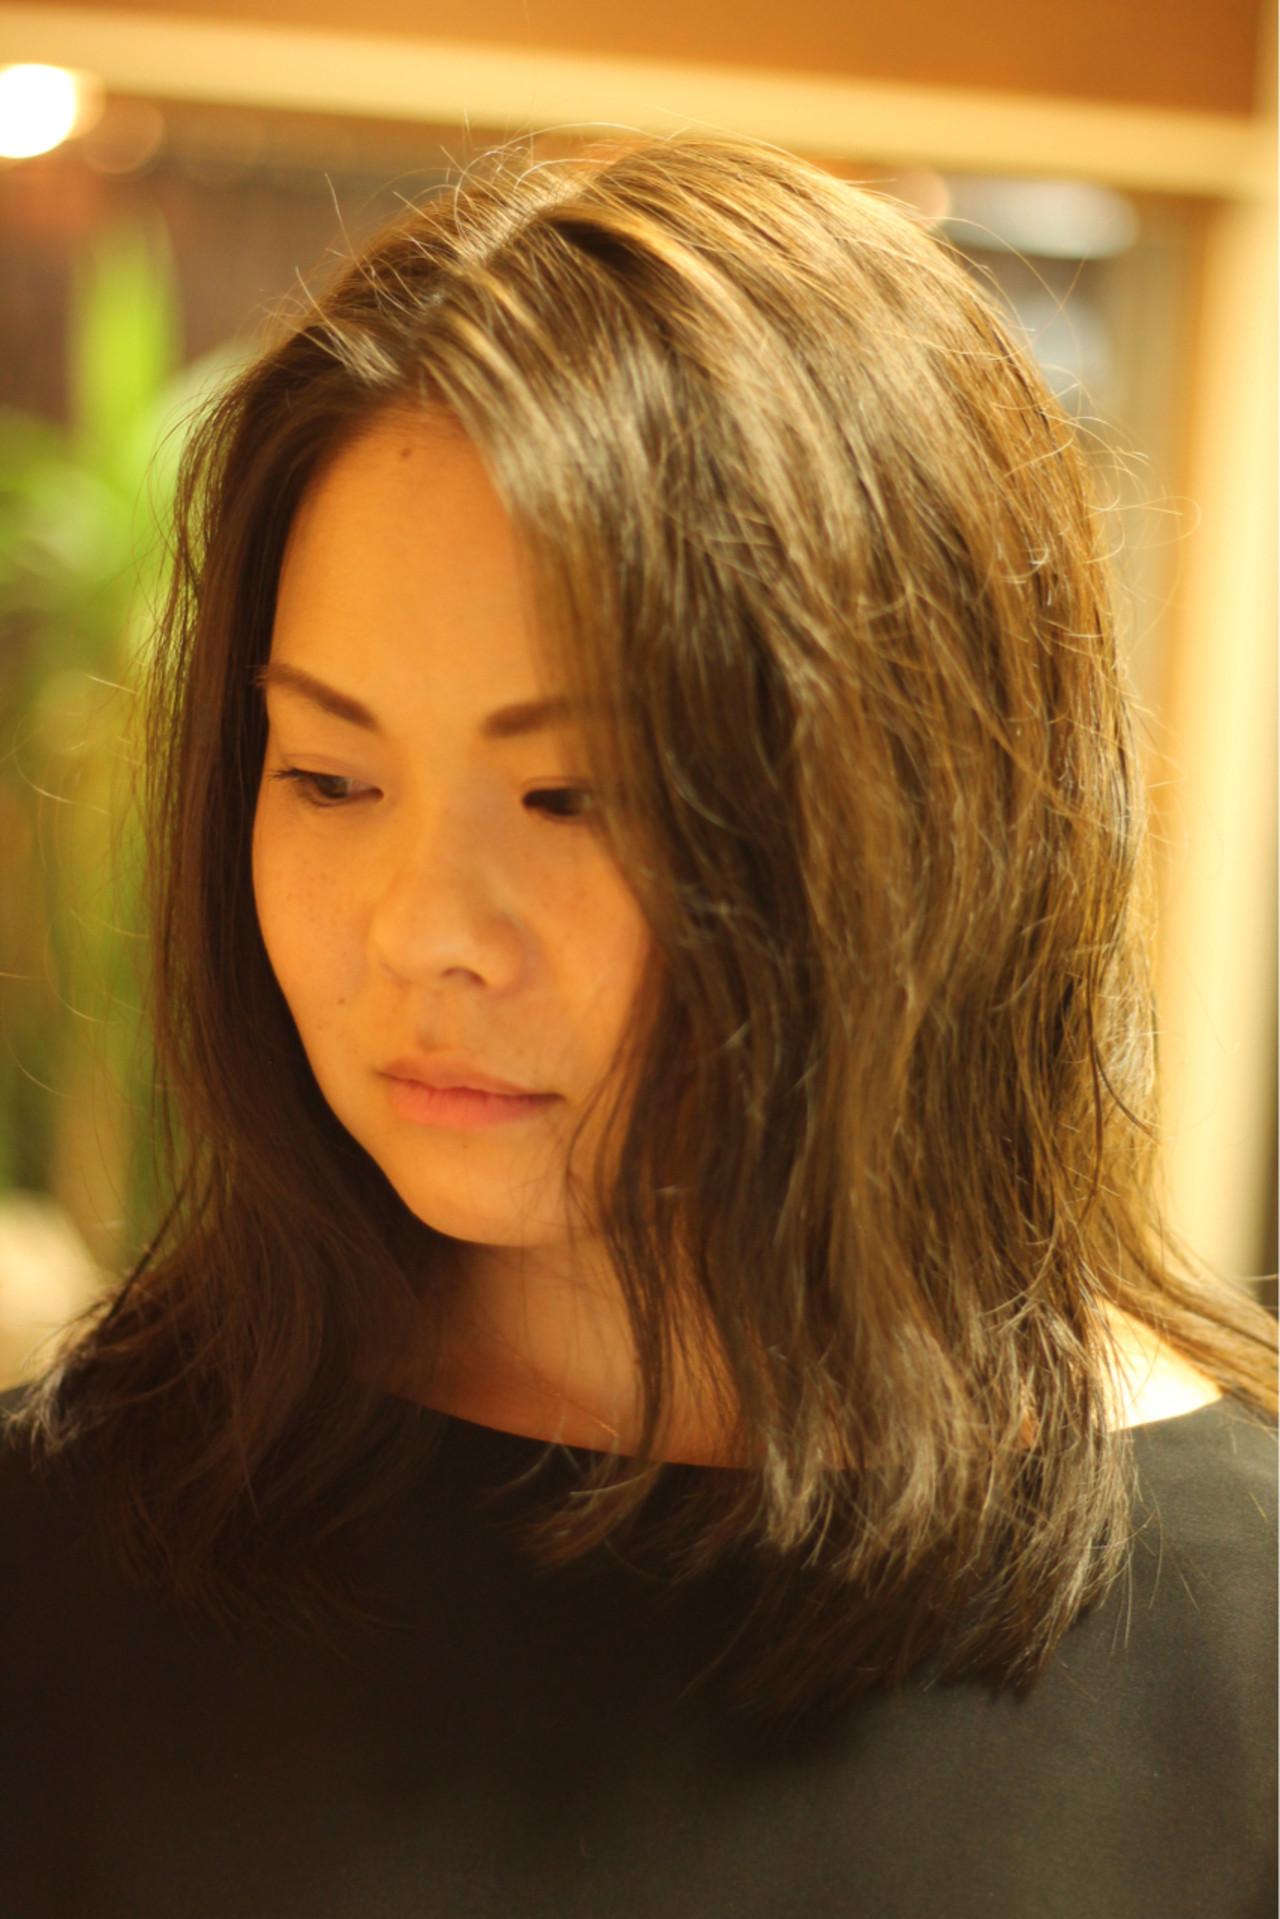 アンニュイ 愛され セミロング ガーリー ヘアスタイルや髪型の写真・画像